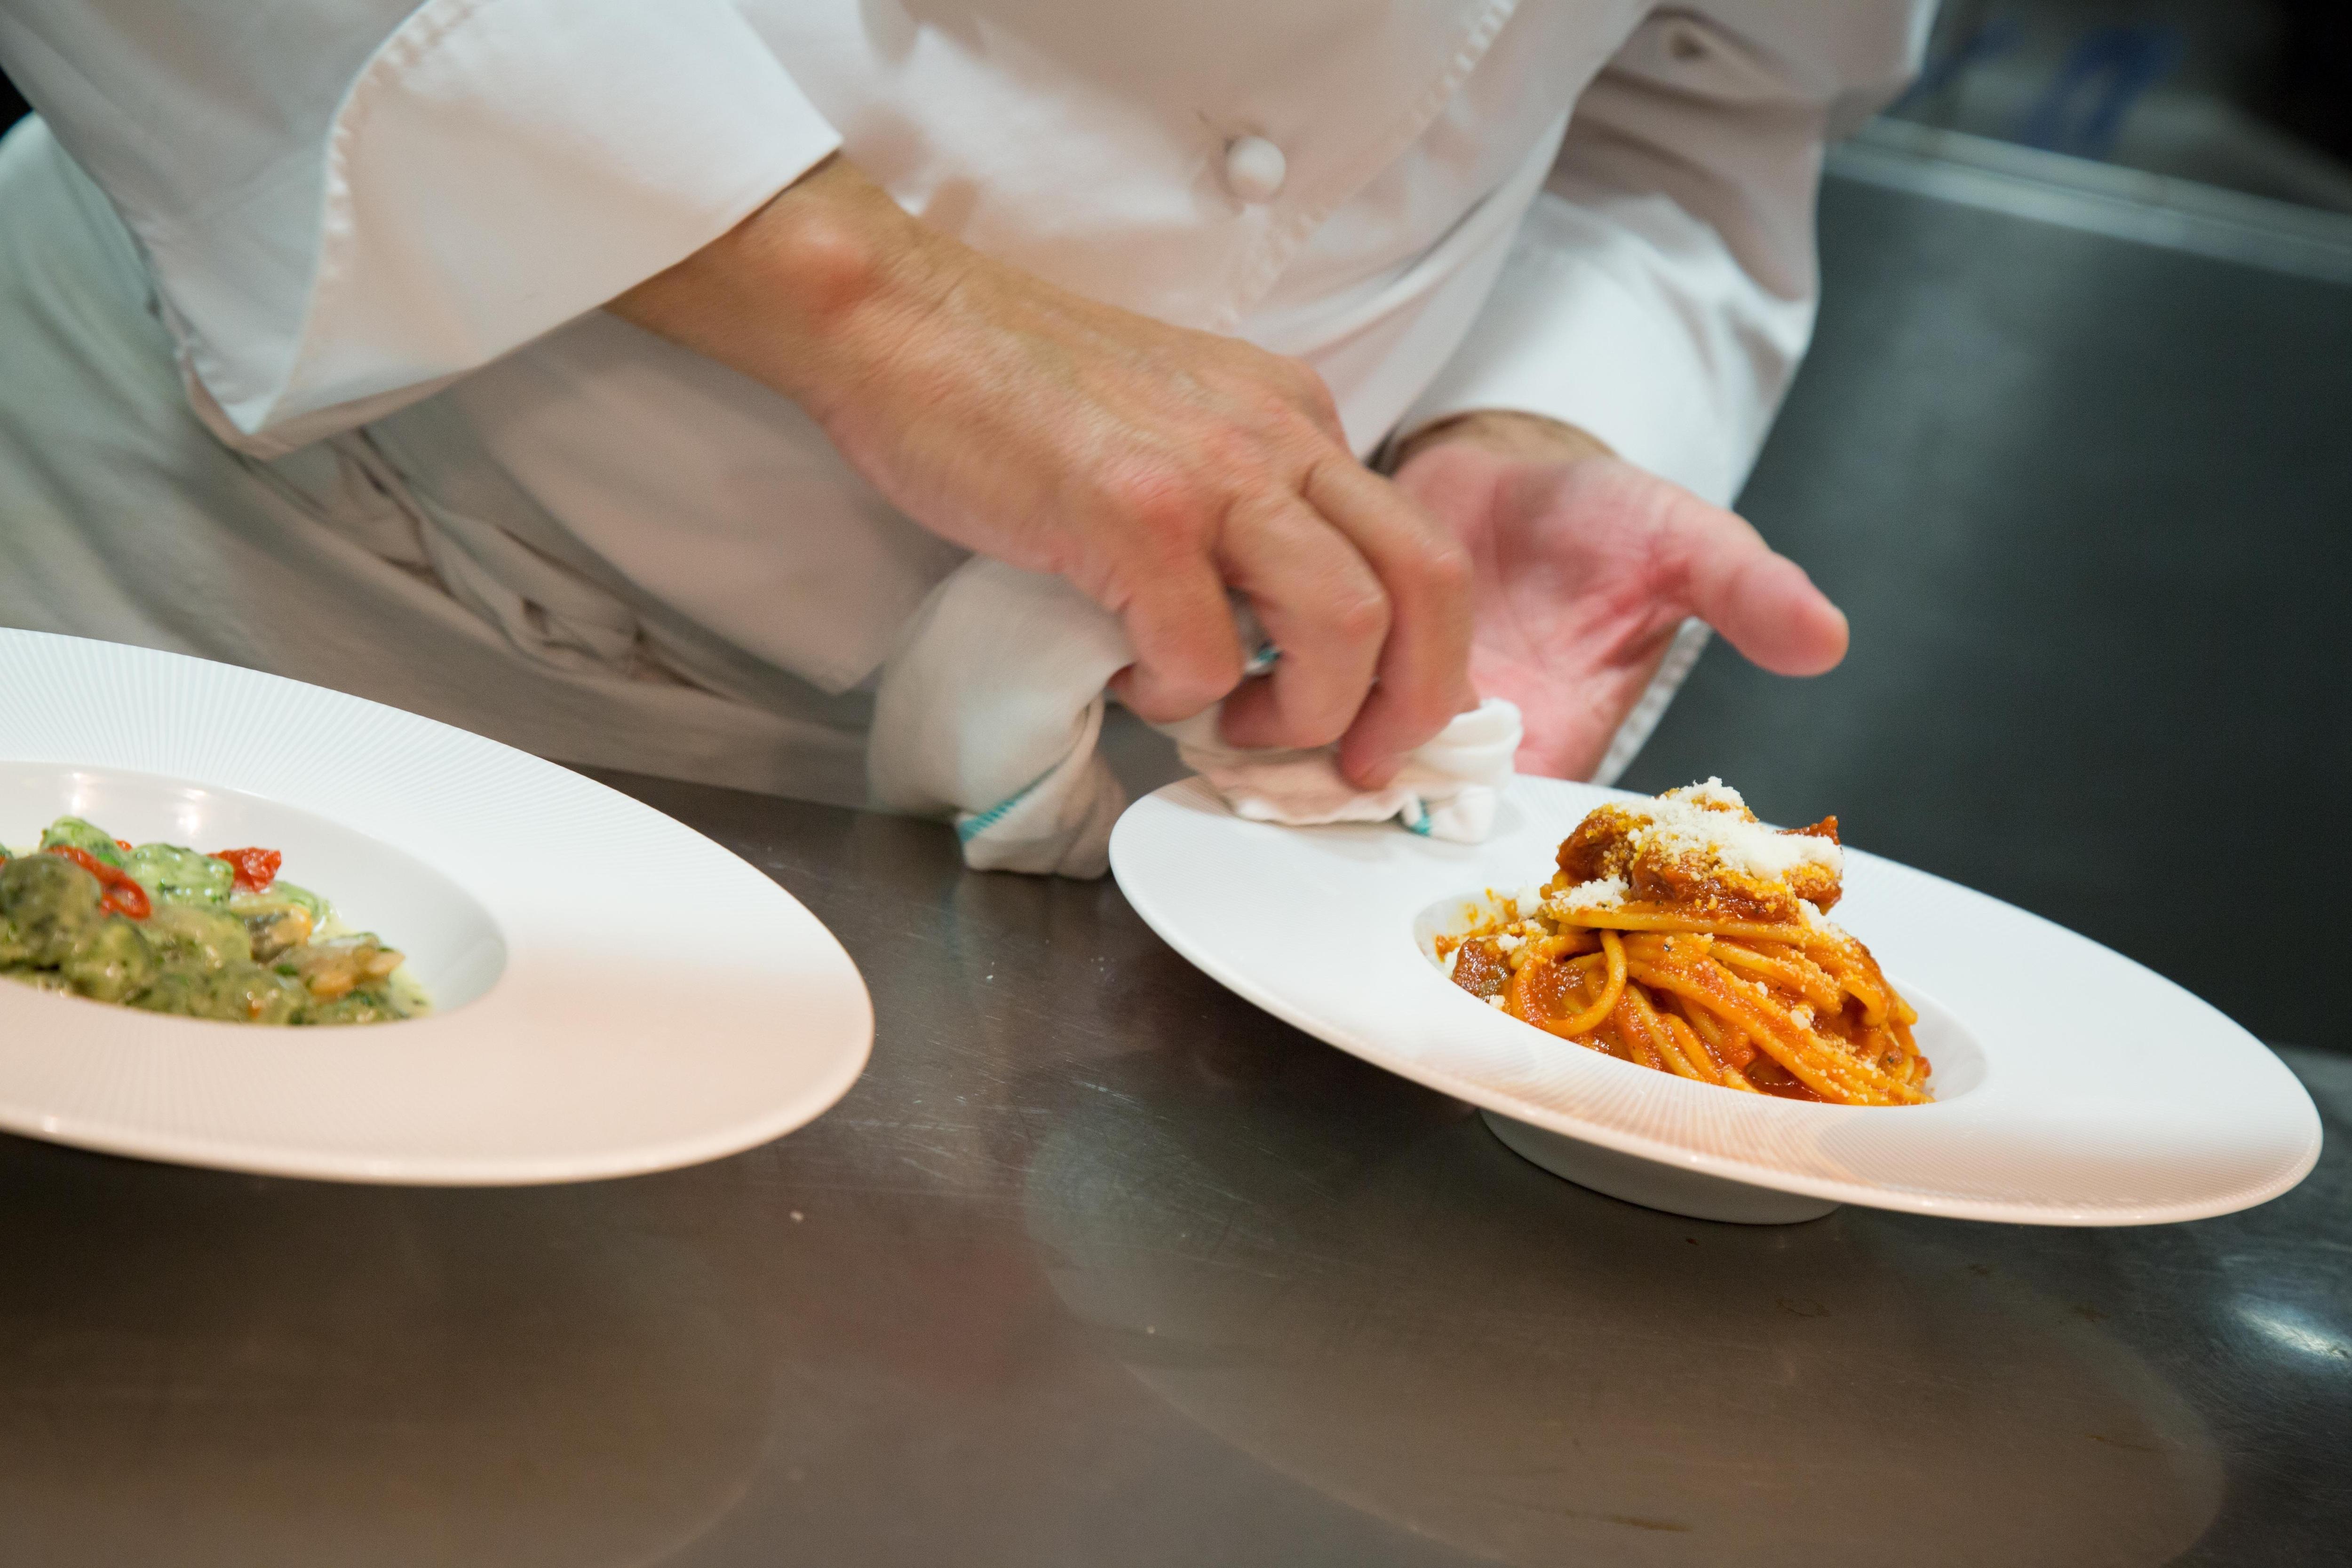 Un chef nettoie le bord d'une assiette de pâtes.